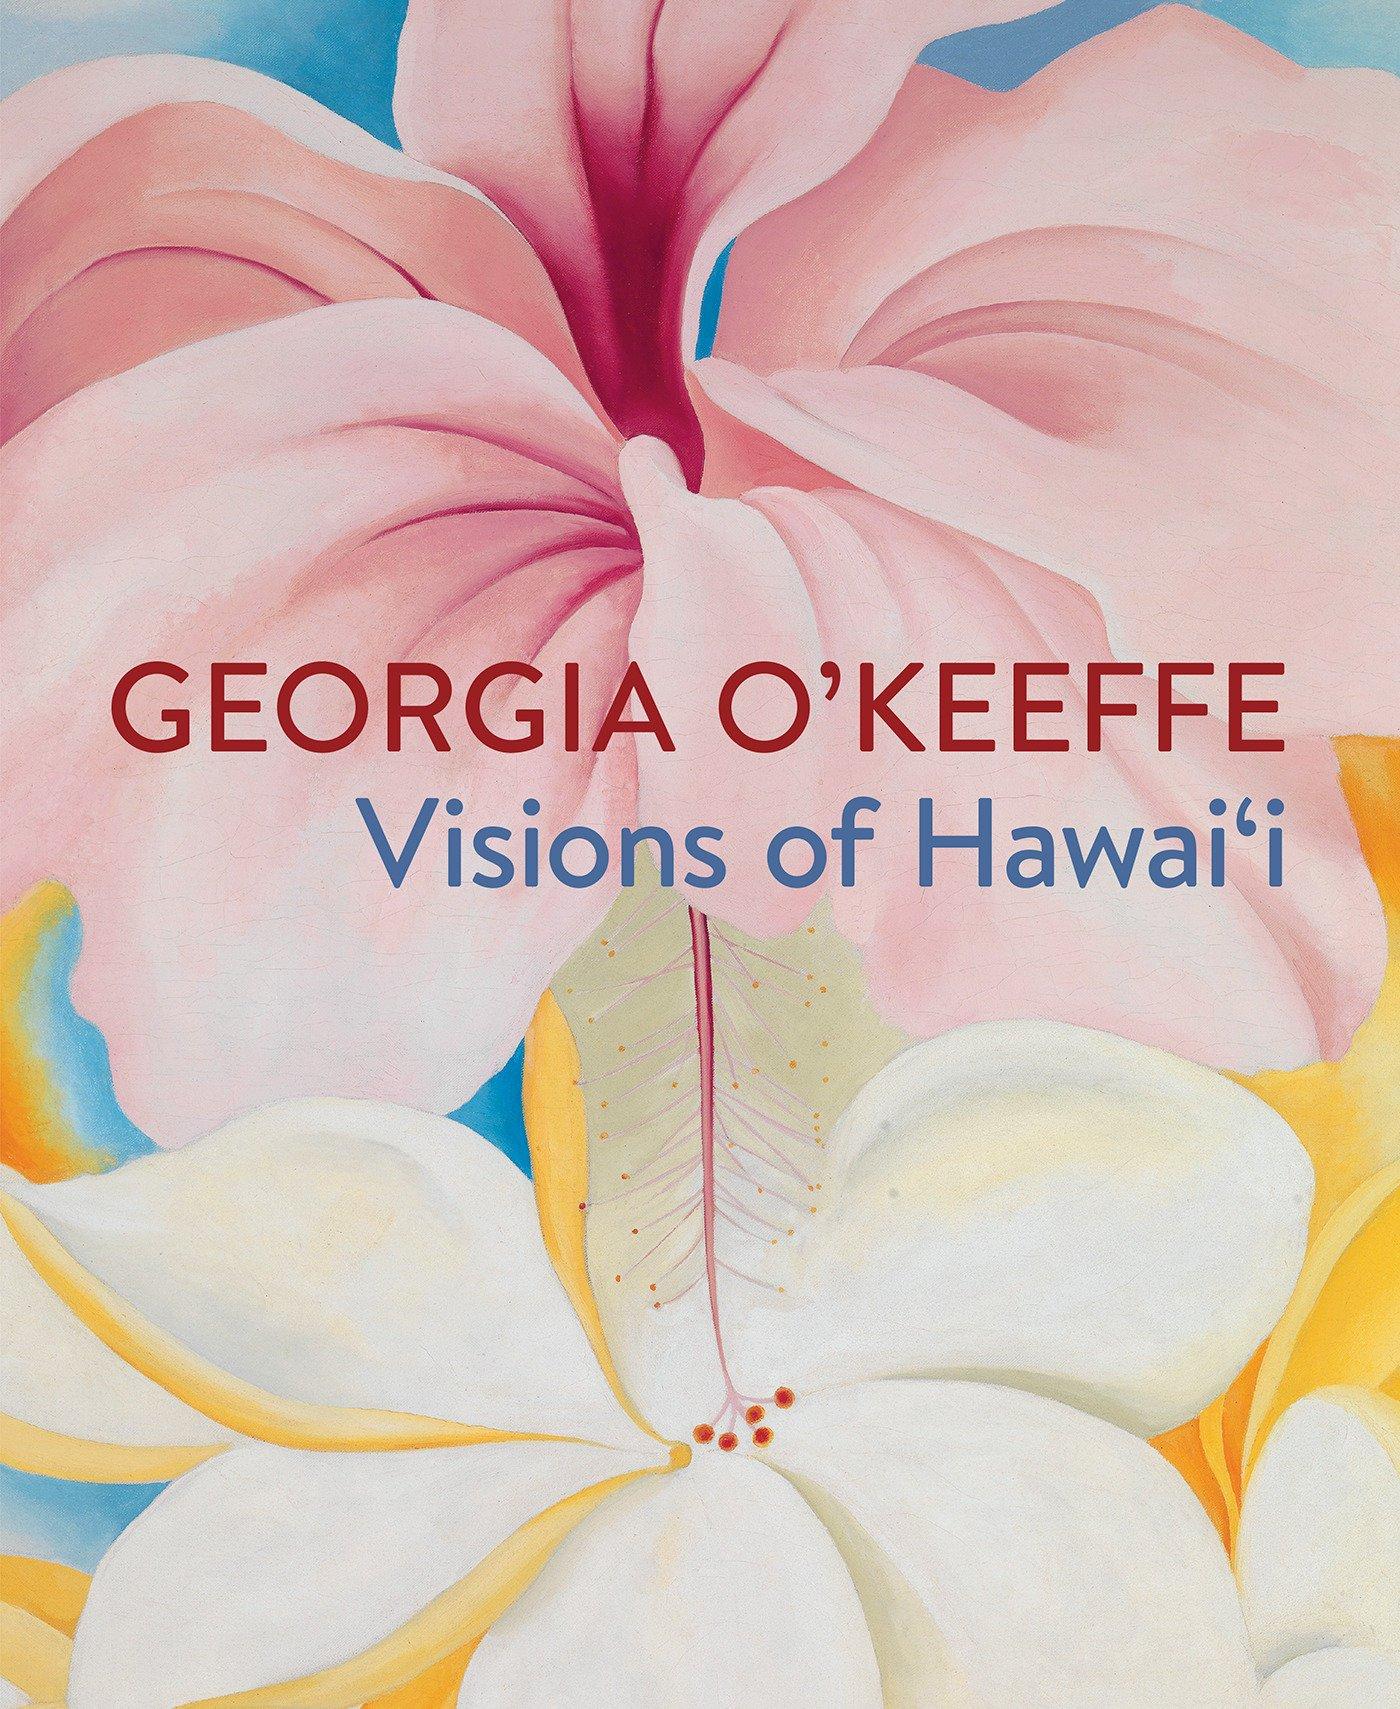 Georgia OKeeffes Hawaii